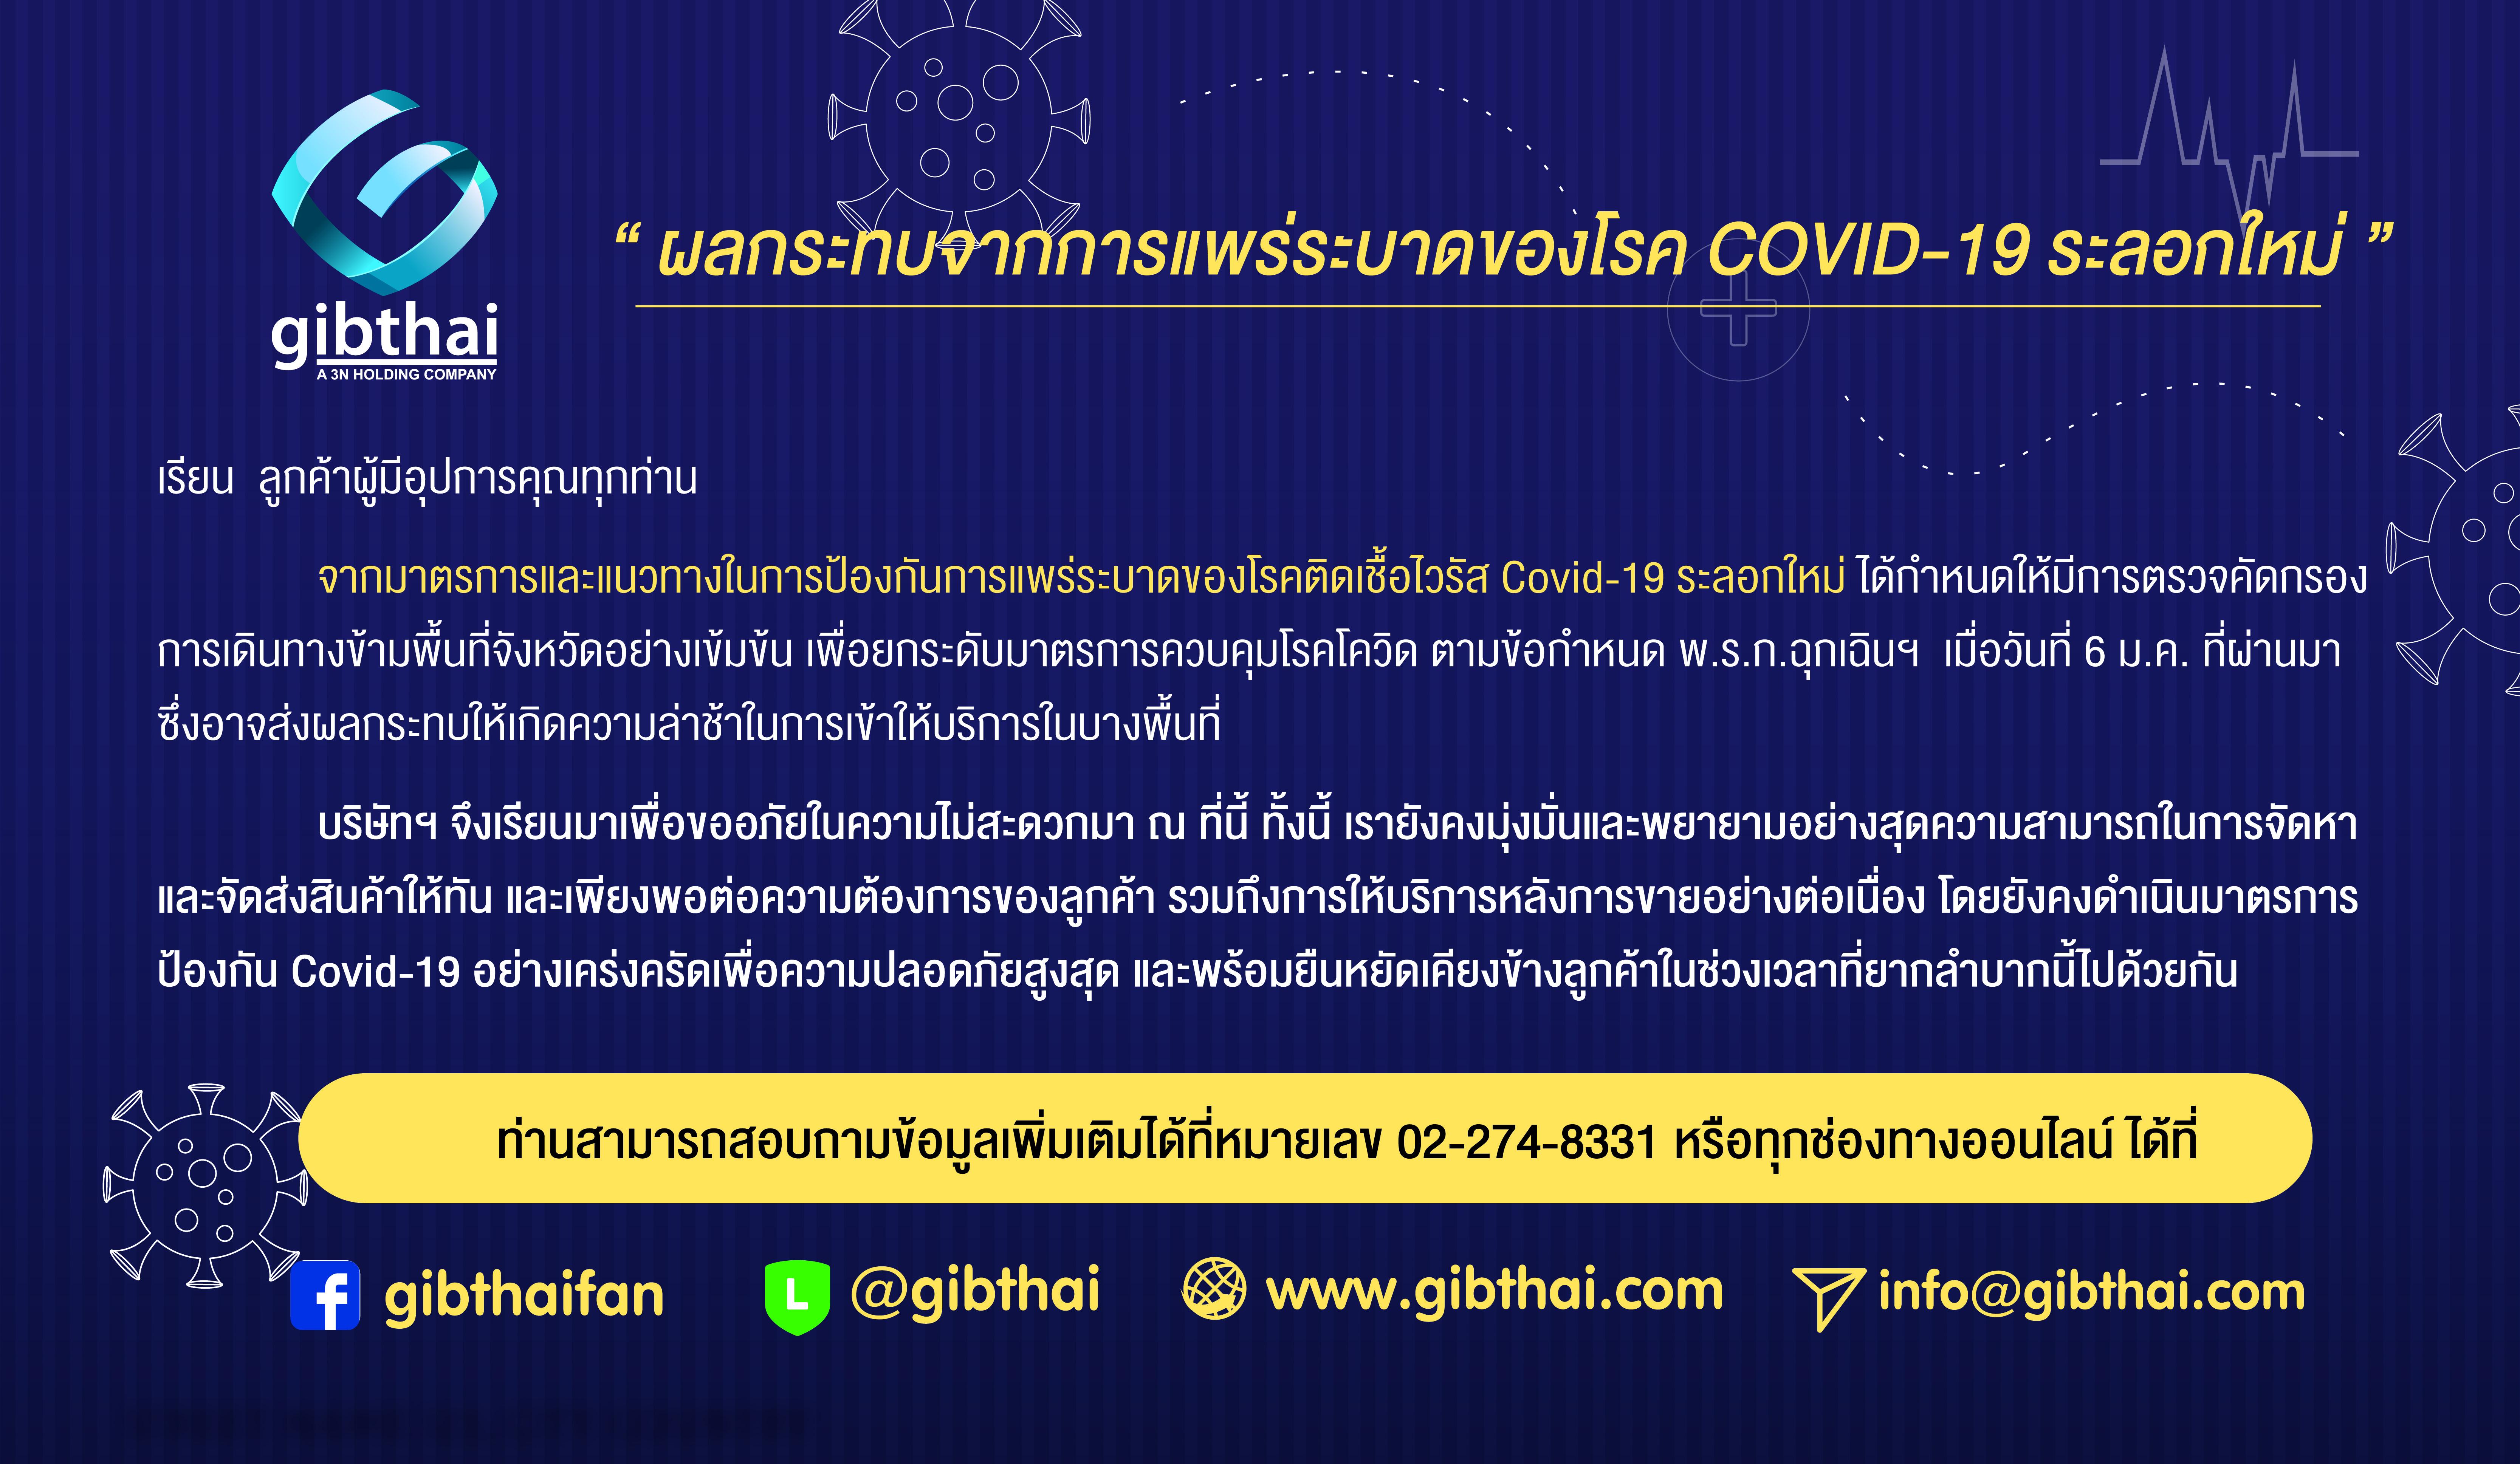 มาตรการการป้องกันการแพร่ระบาดของโรคติดเชื้อไวรัส Covid-19 ระลอกใหม่